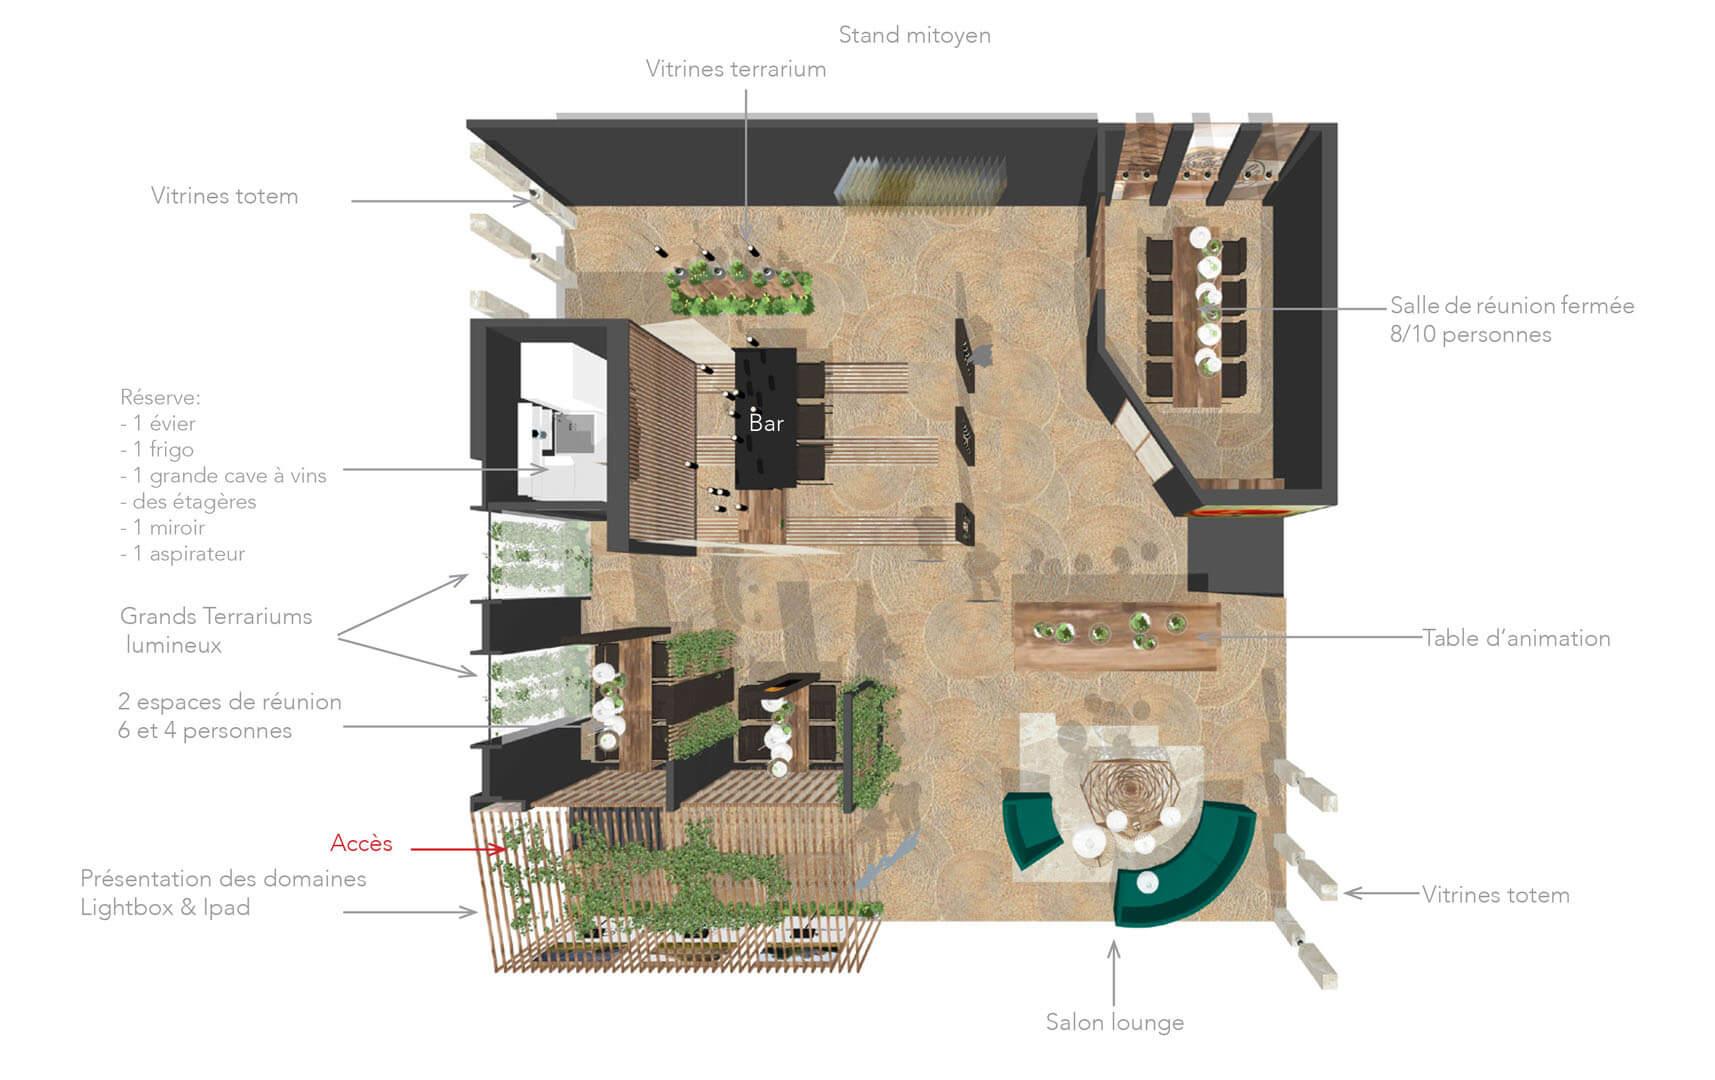 Création d'un stand pour une célèbre maison de vins possédant 3 domaines dans 3 régions différentes. La volonté des clients était d'avoir 2 stands en 1, le plus petit pour un premier salon (30m2), utilisable indépendamment du second. Et le stand entier (100m2) pour un autre salon.